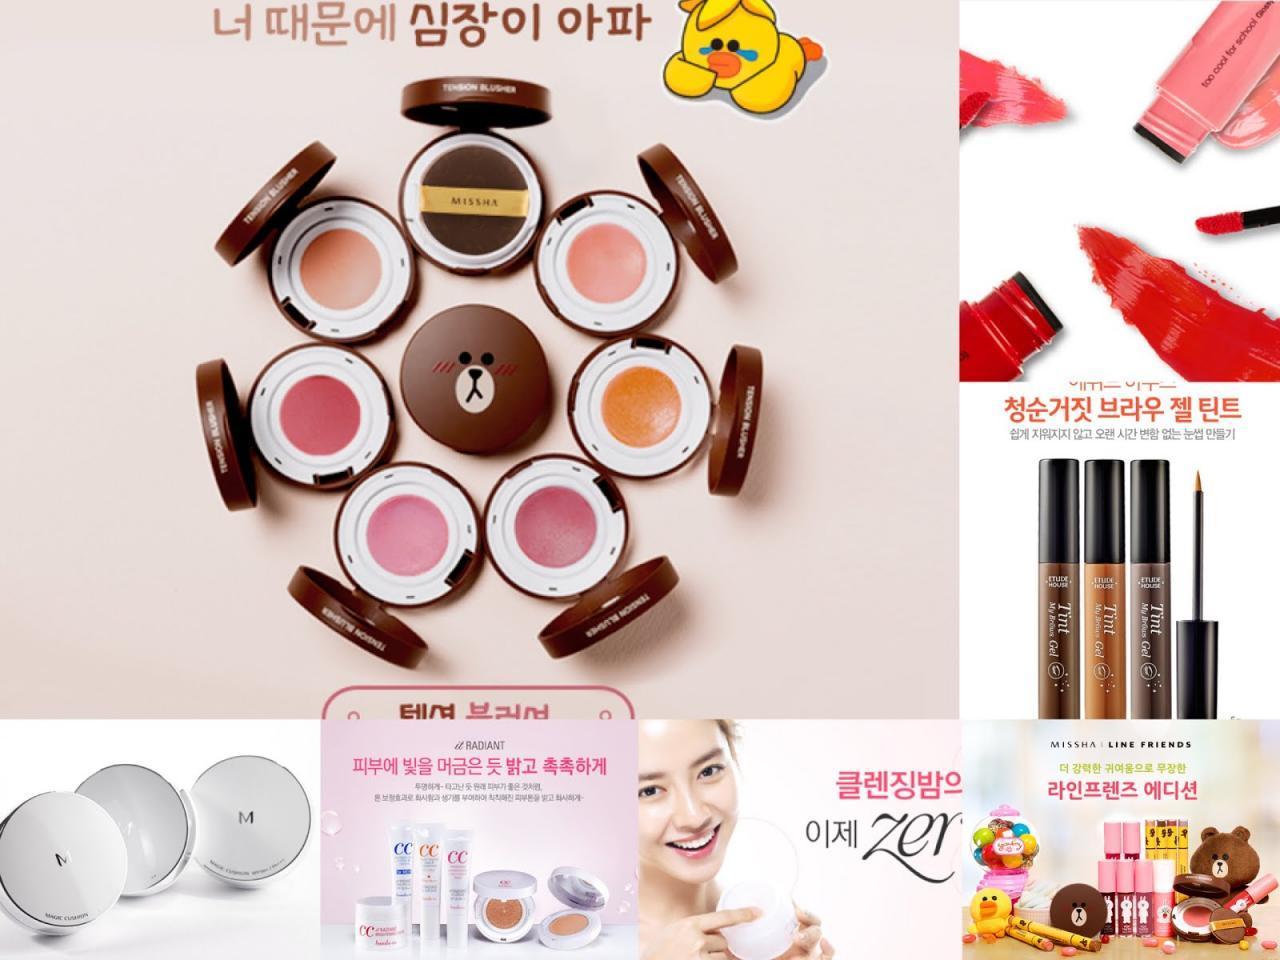 韓國購物必看/2016年必買韓國化妝品,差價大買一個賺一個